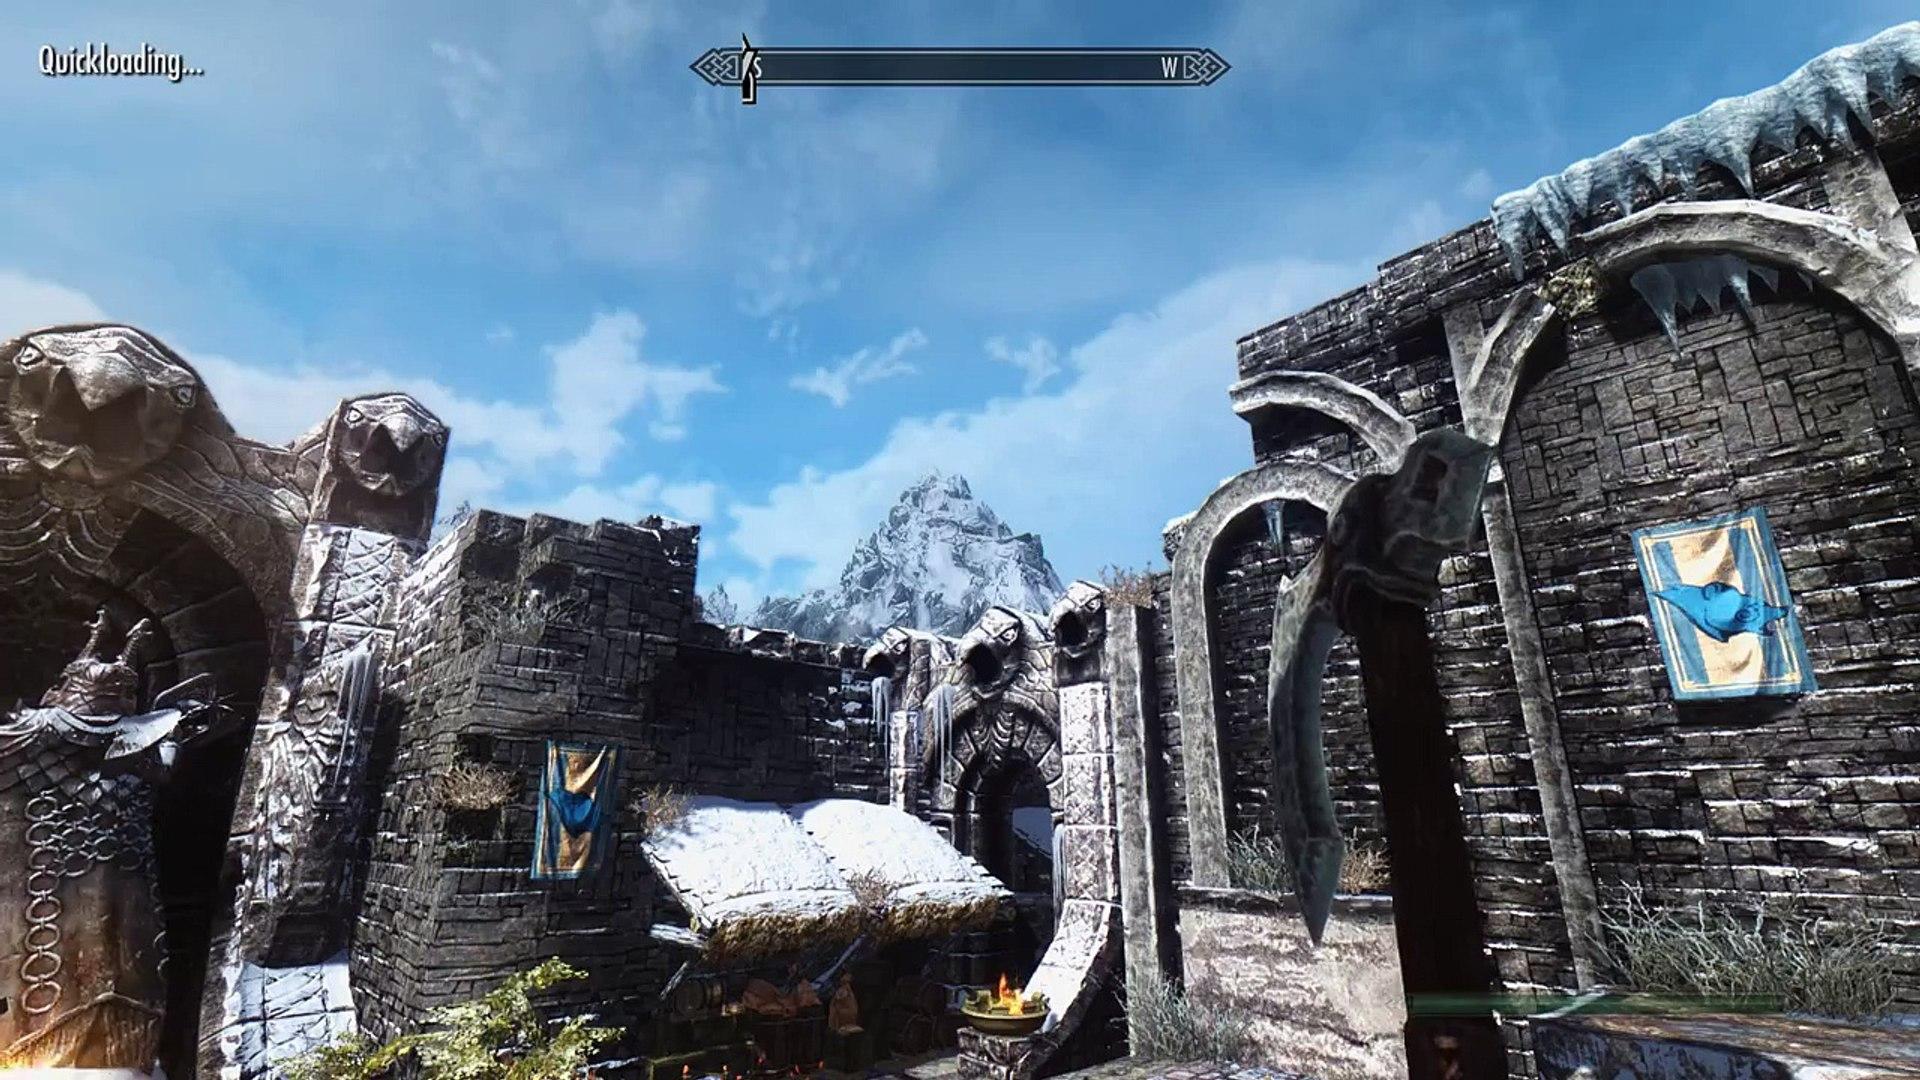 Elder Scrolls V: Skyrim - Mountain Fog Flickering